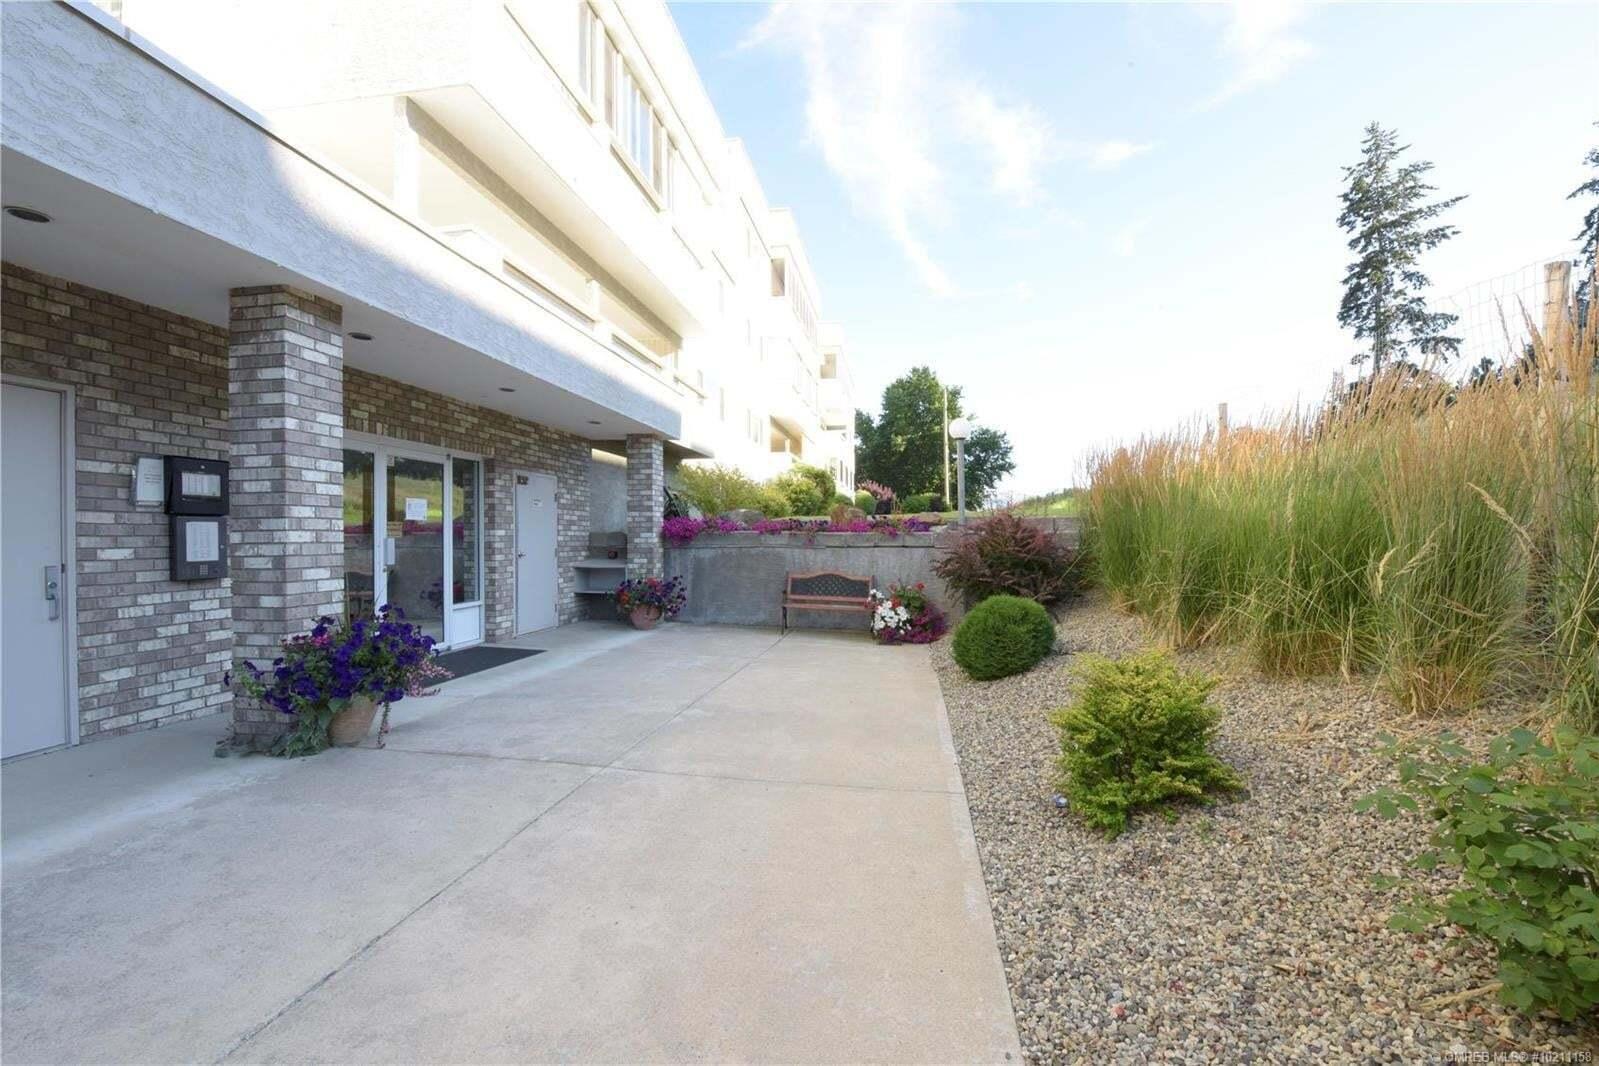 Condo for sale at 2477 Ingram Rd West Kelowna British Columbia - MLS: 10211158